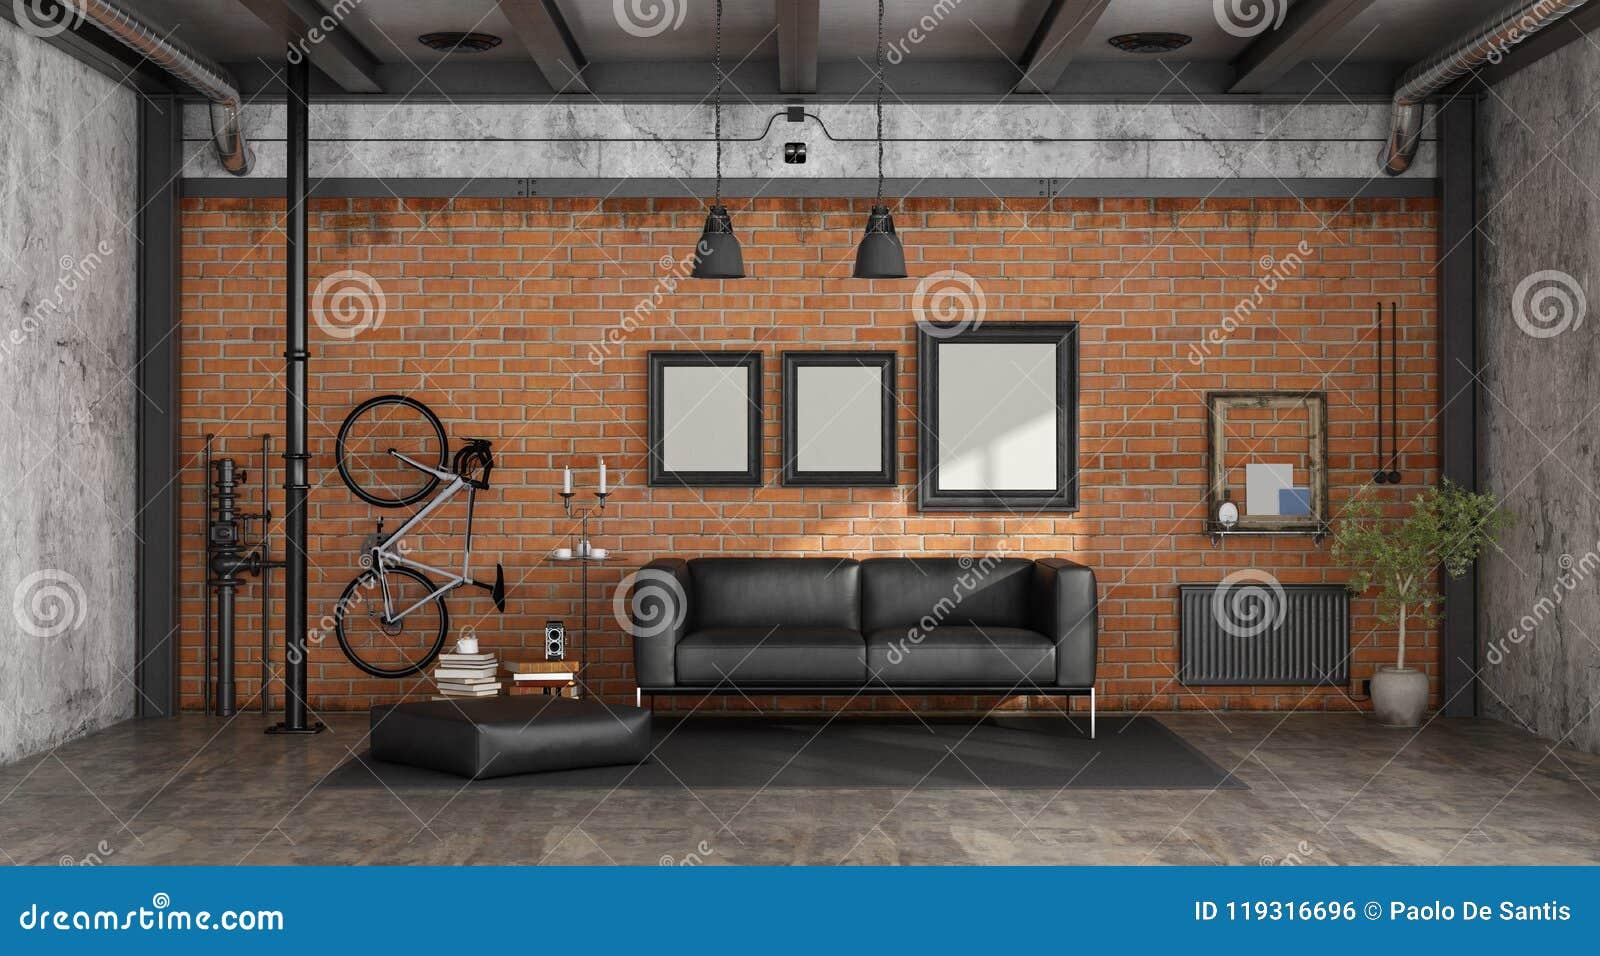 Woonkamer Op Zolder : Woonkamer in een zolder stock illustratie. illustratie bestaande uit